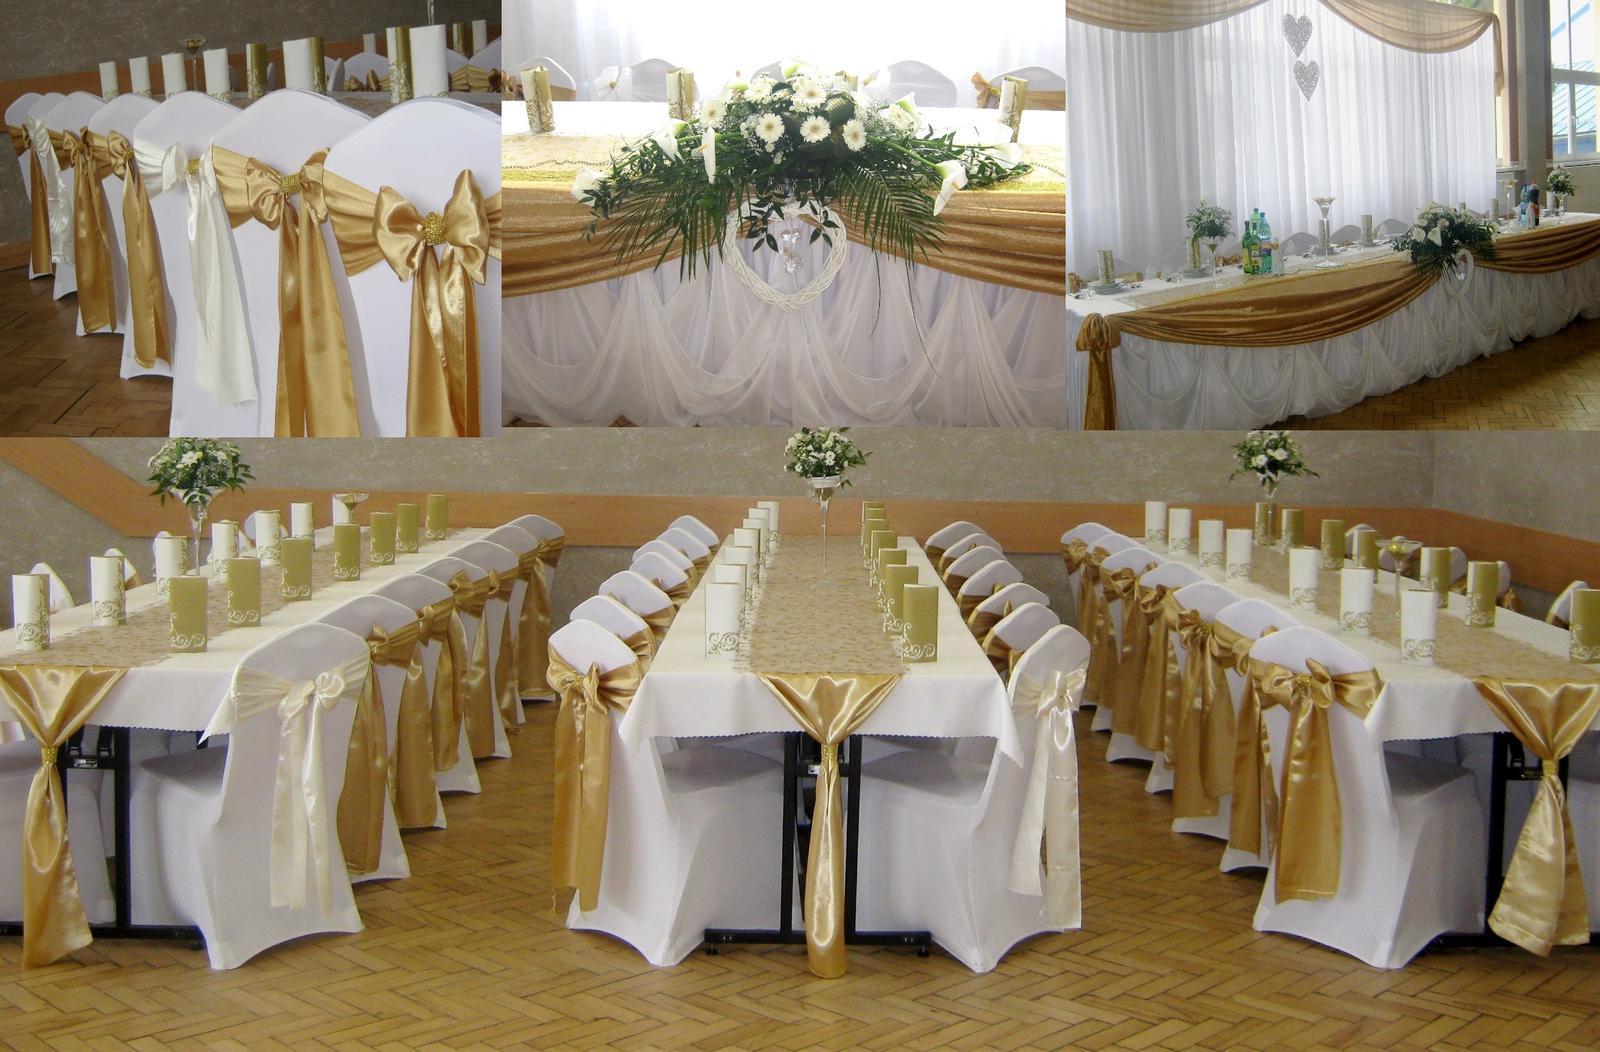 Svadobná výzdoba od 1€/osoba - Obrázok č. 1